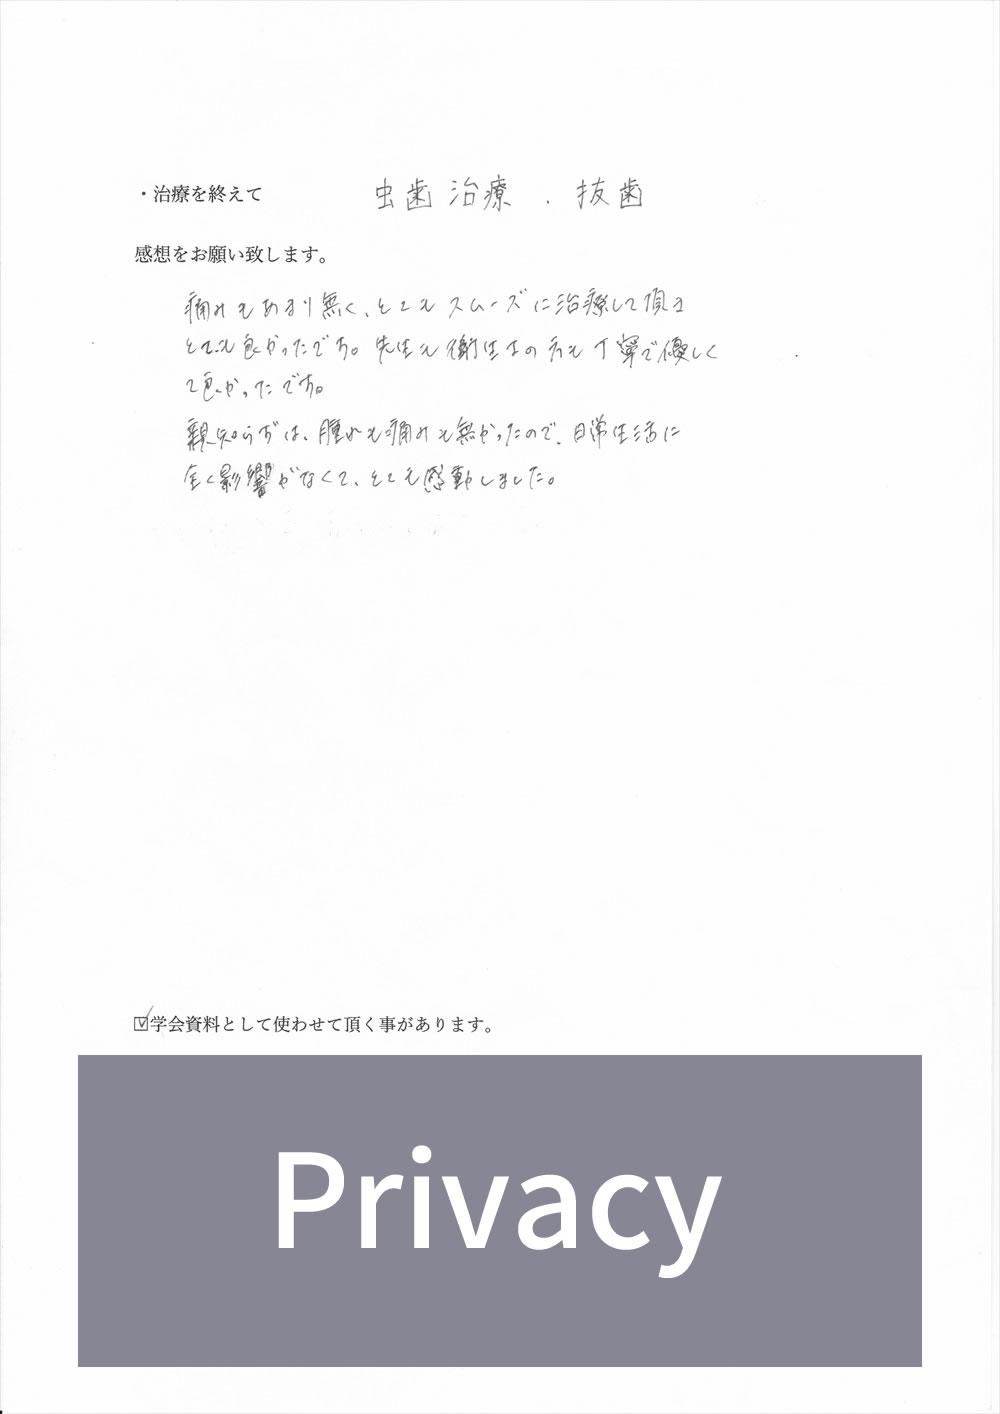 浦和もちまる歯科・矯正歯科の口コミ・評判アンケート5